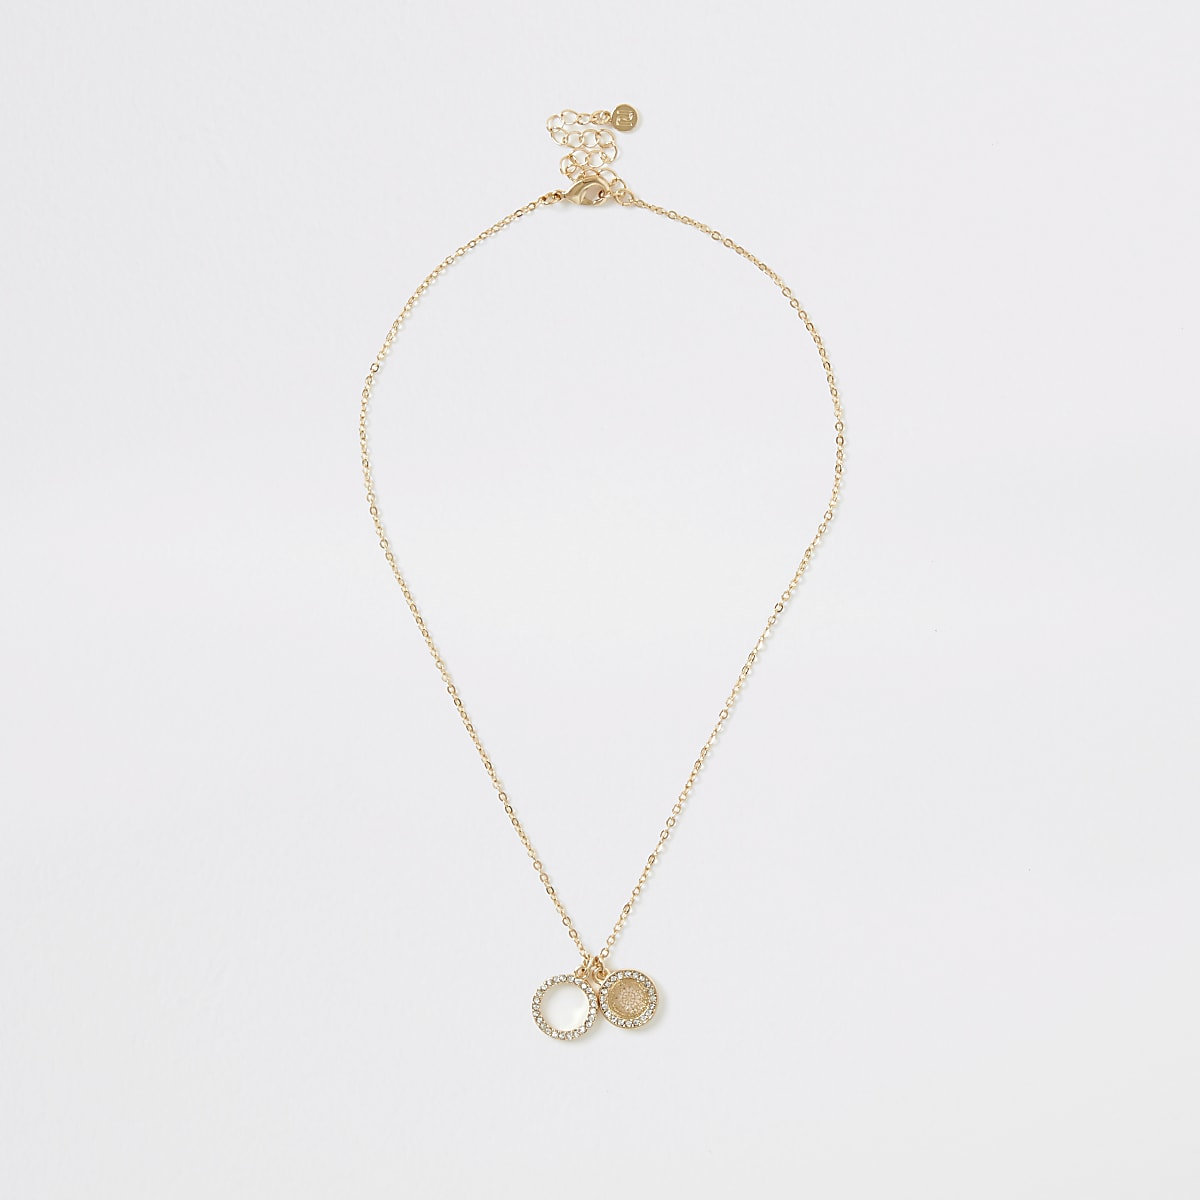 Goudkleurige pave hanger ketting met siersteentjes